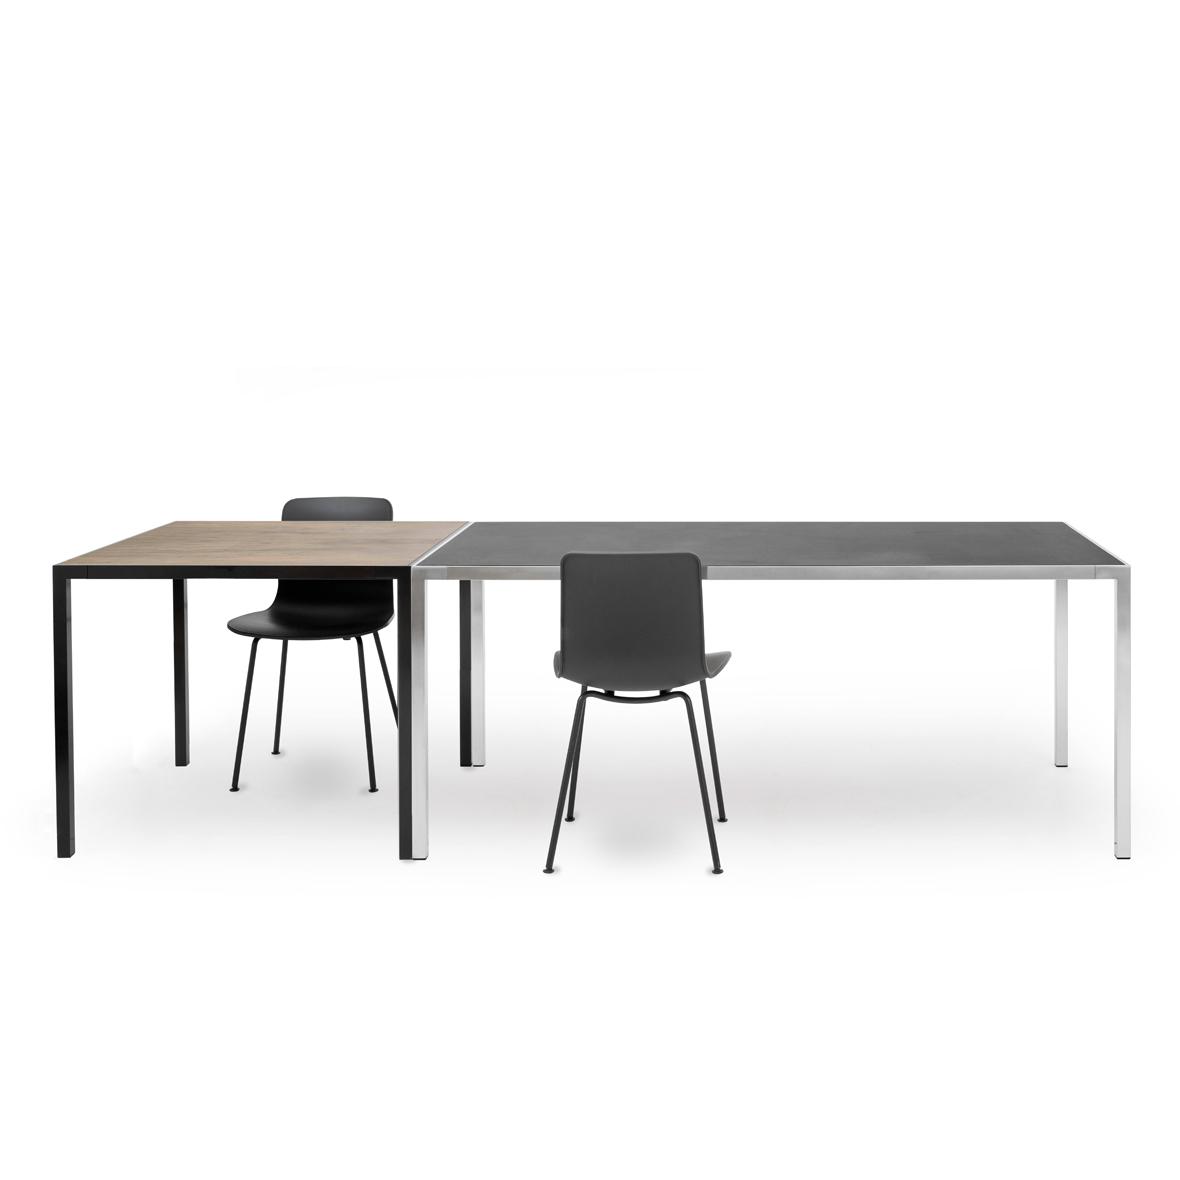 MF-Tische gross (Linol schwarz) und klein (Nussbaum furniert) von MF-System